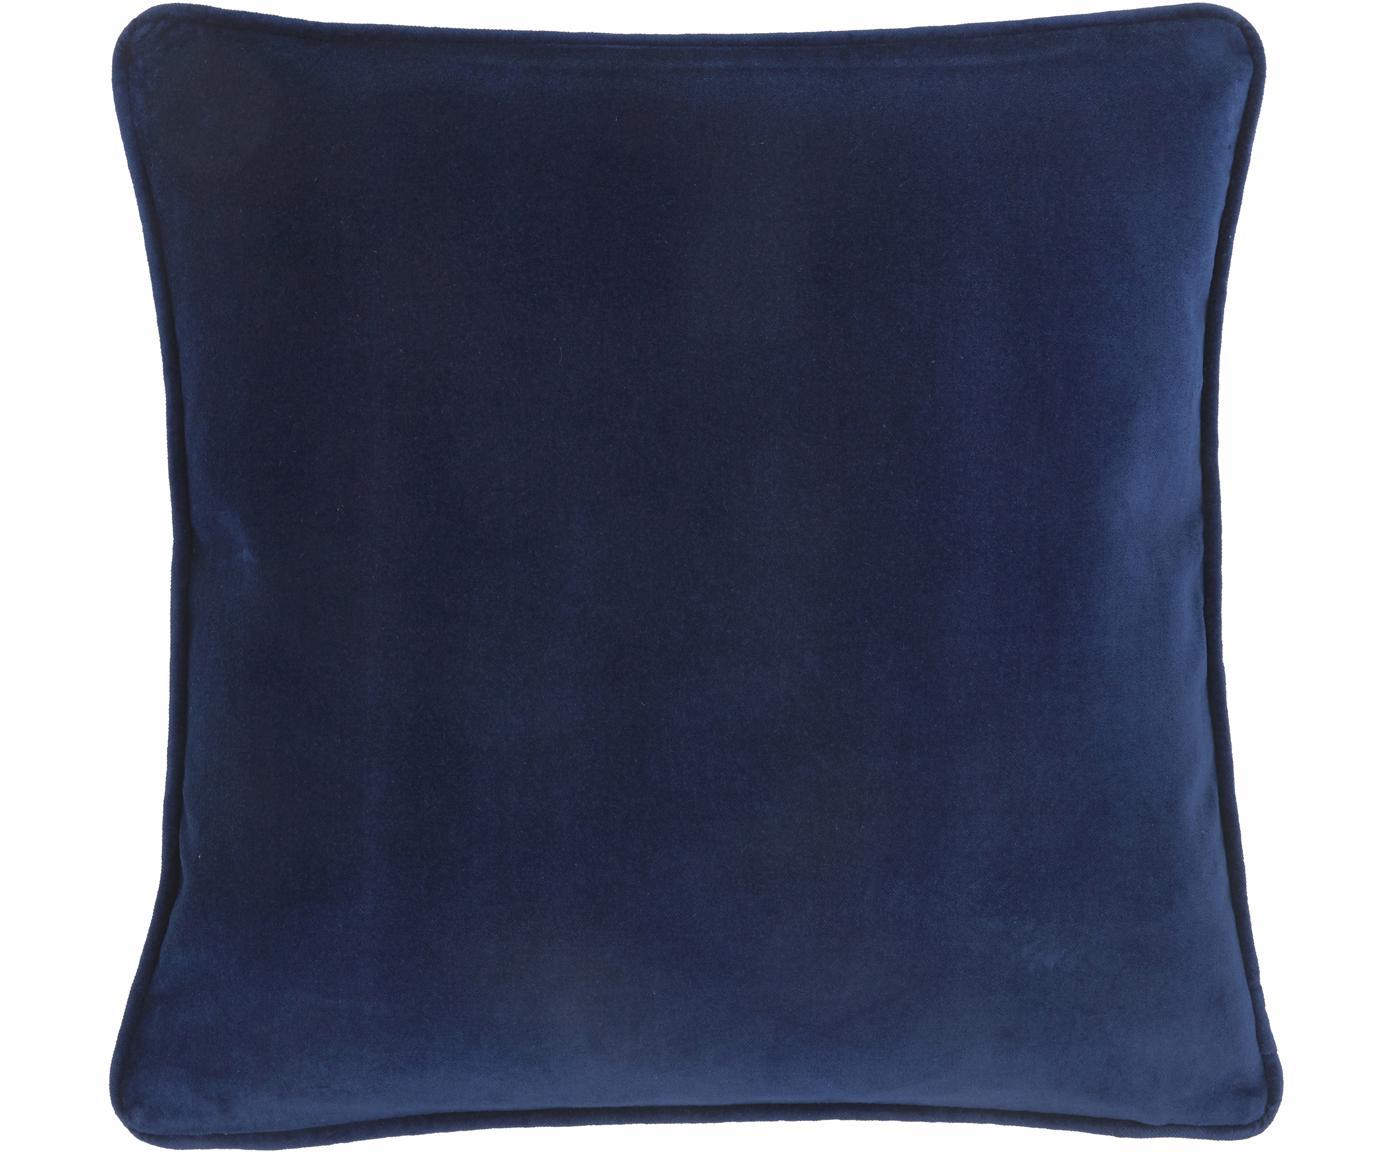 Poszewka na poduszkę z aksamitu Dana, Aksamit bawełniany, Marynarski granat, S 40 x D 40 cm